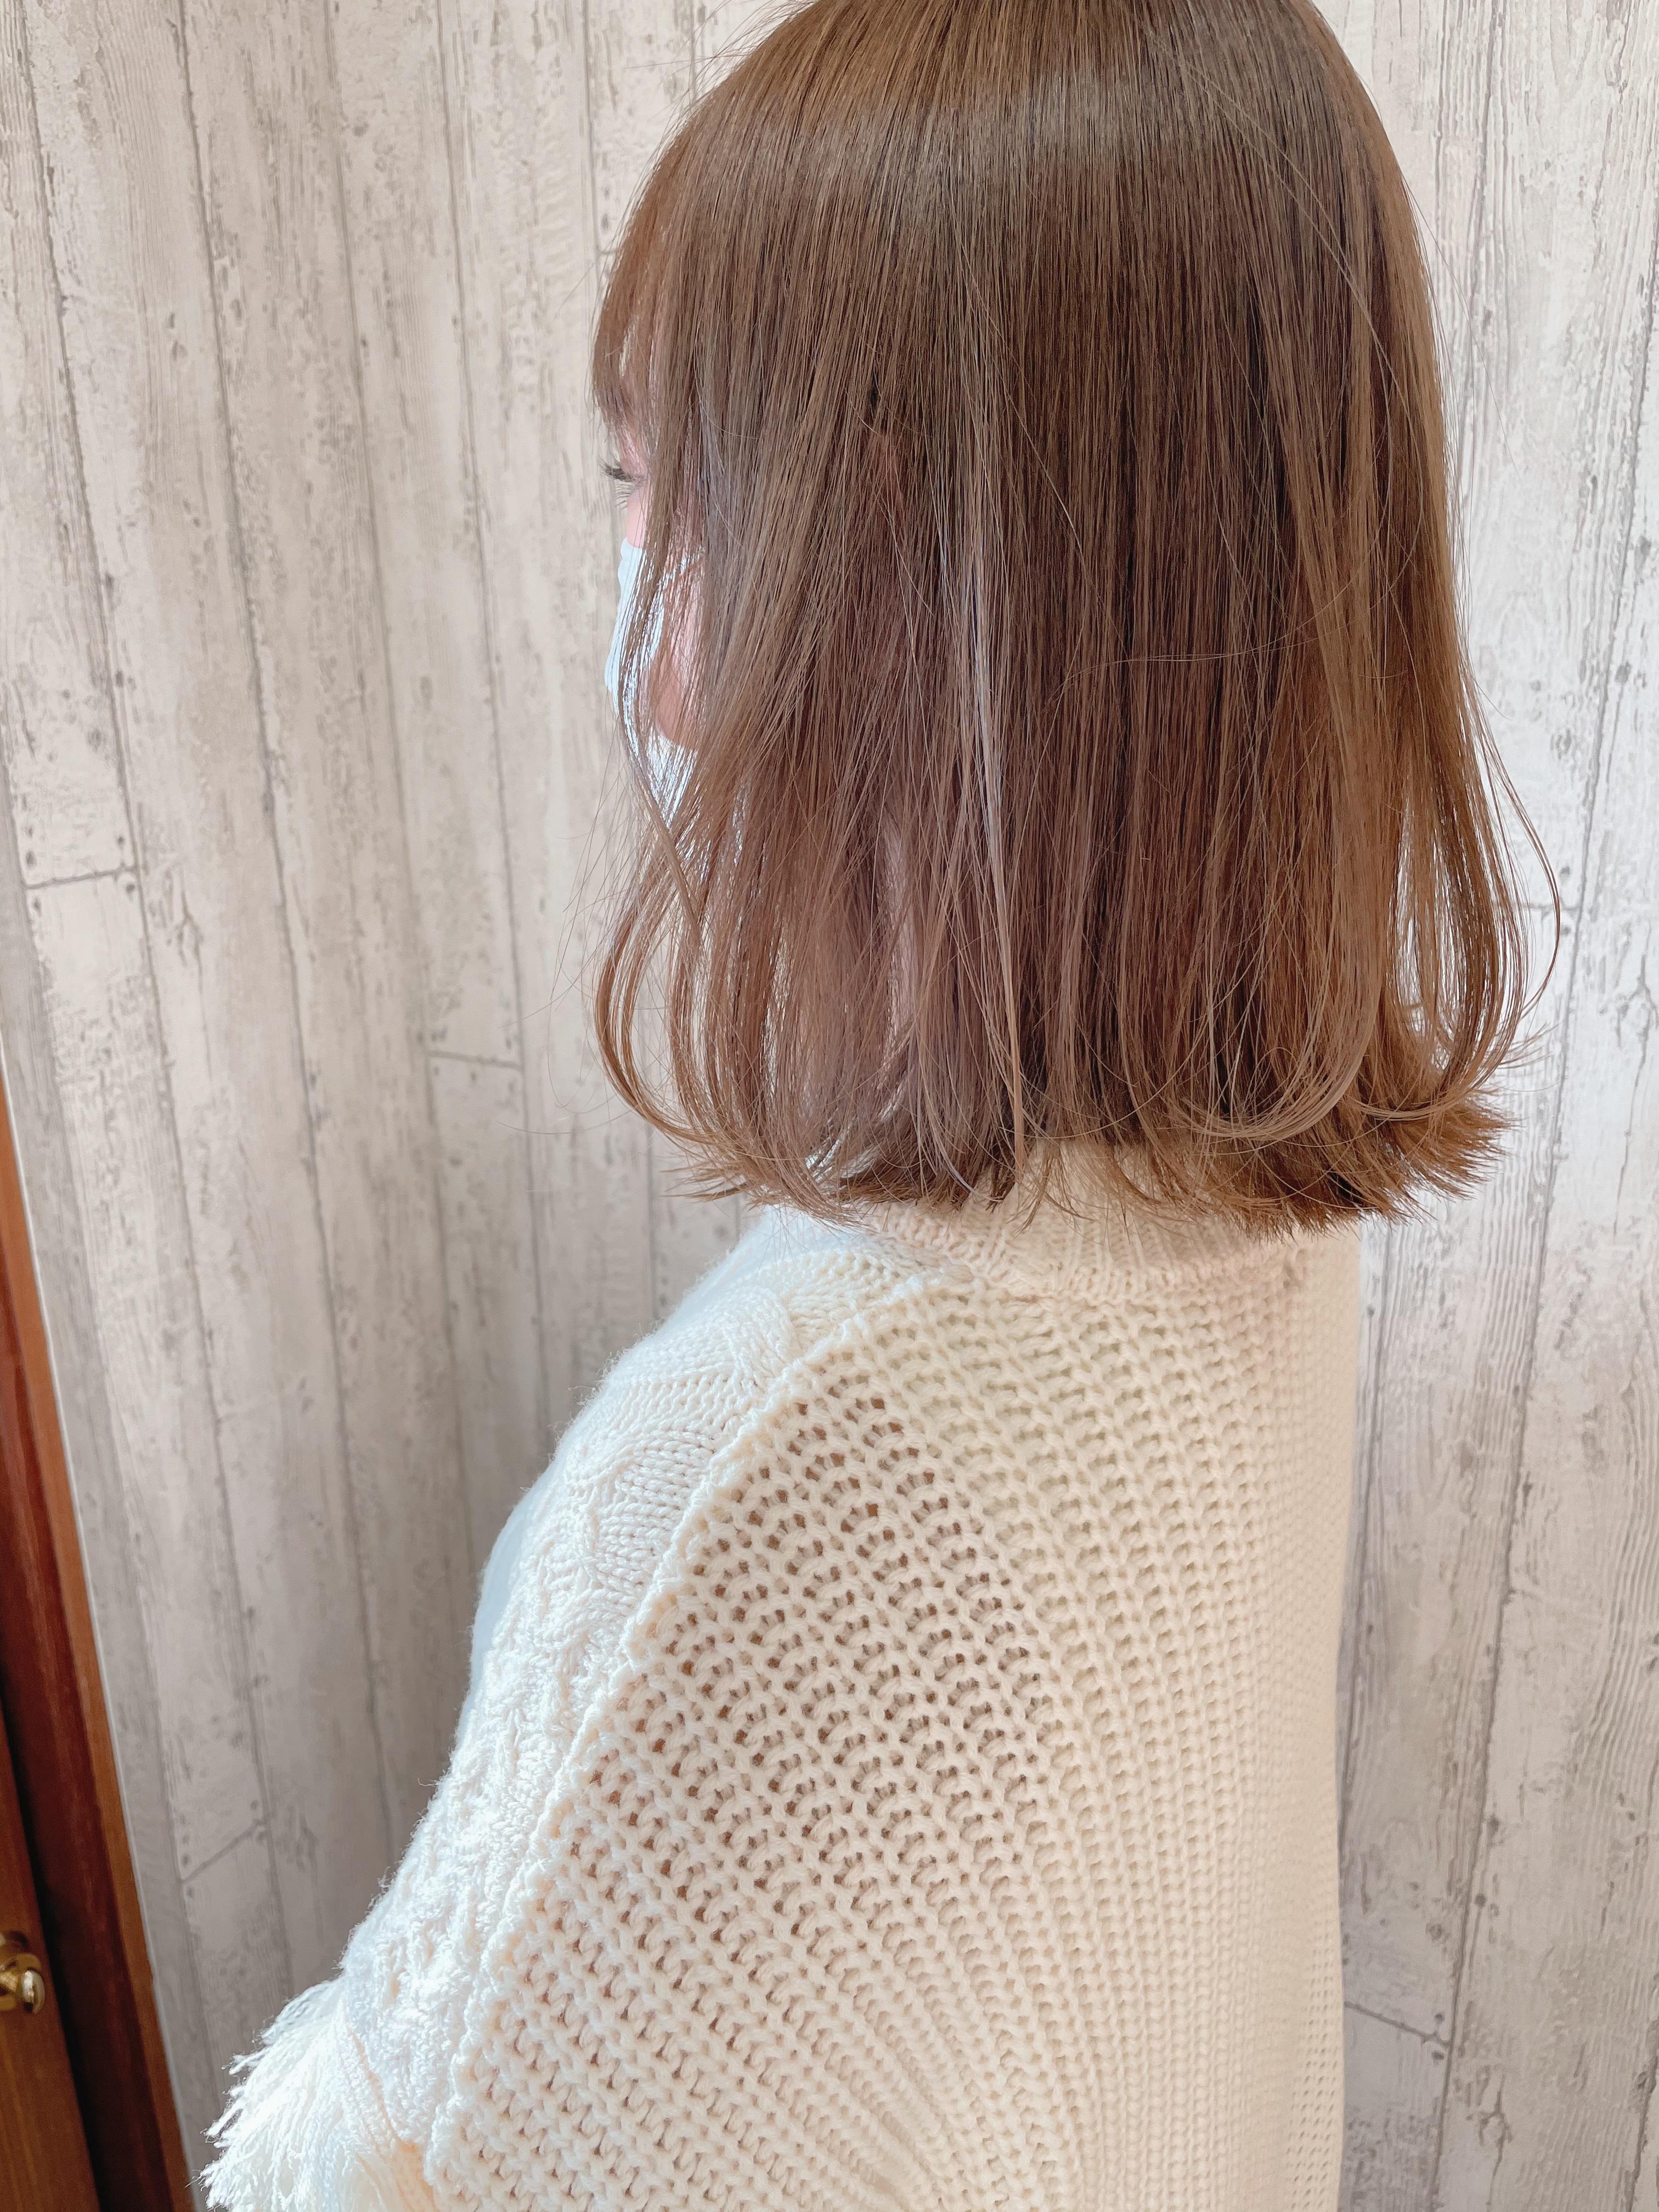 巻き髪で雰囲気の違いをたのしみましょう♪